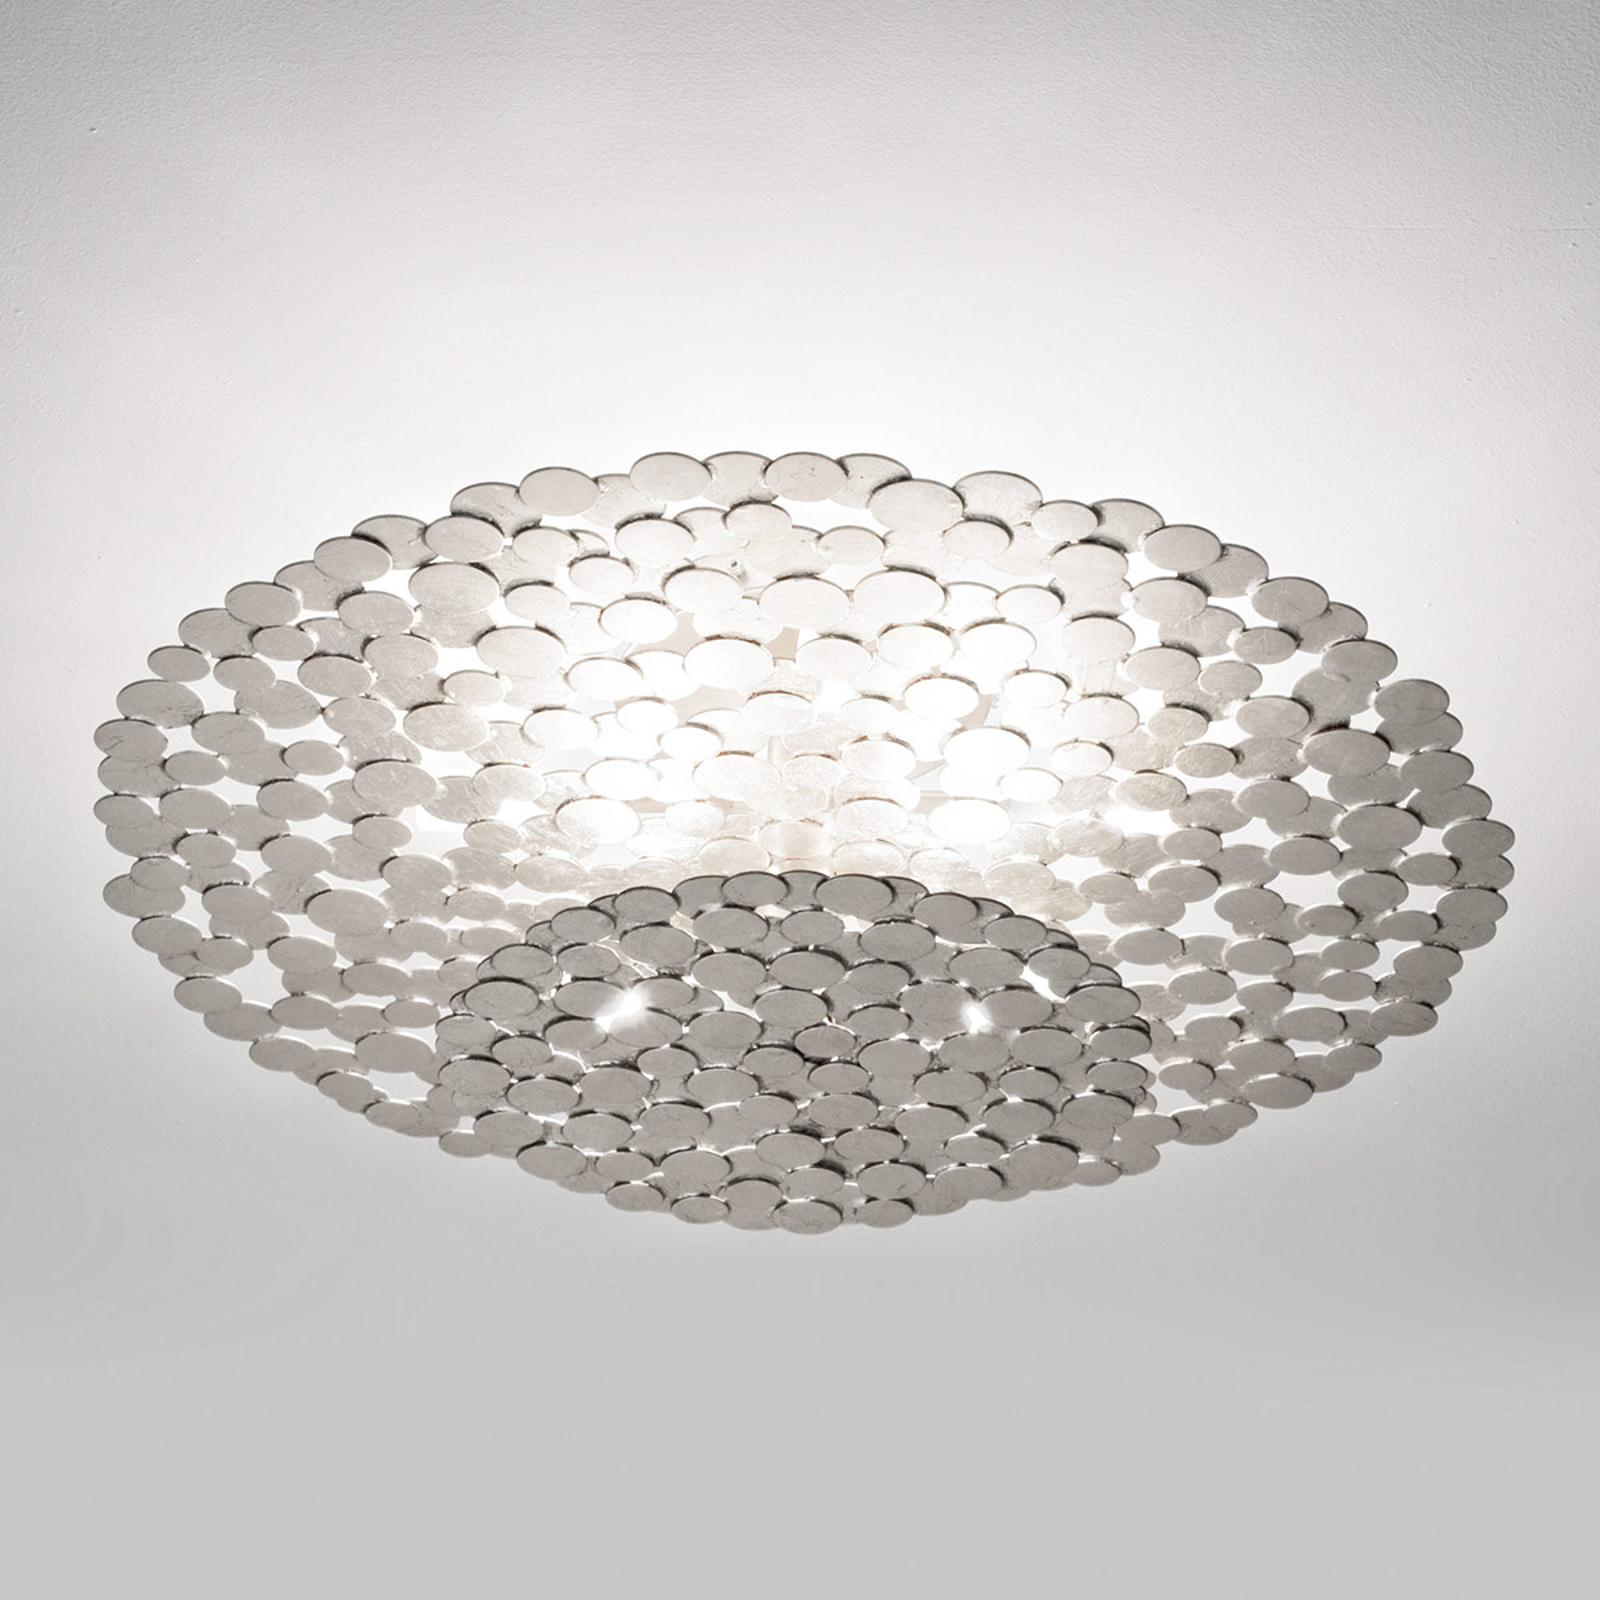 Ekstravagant taklampe Tresor 45 cm, sølv